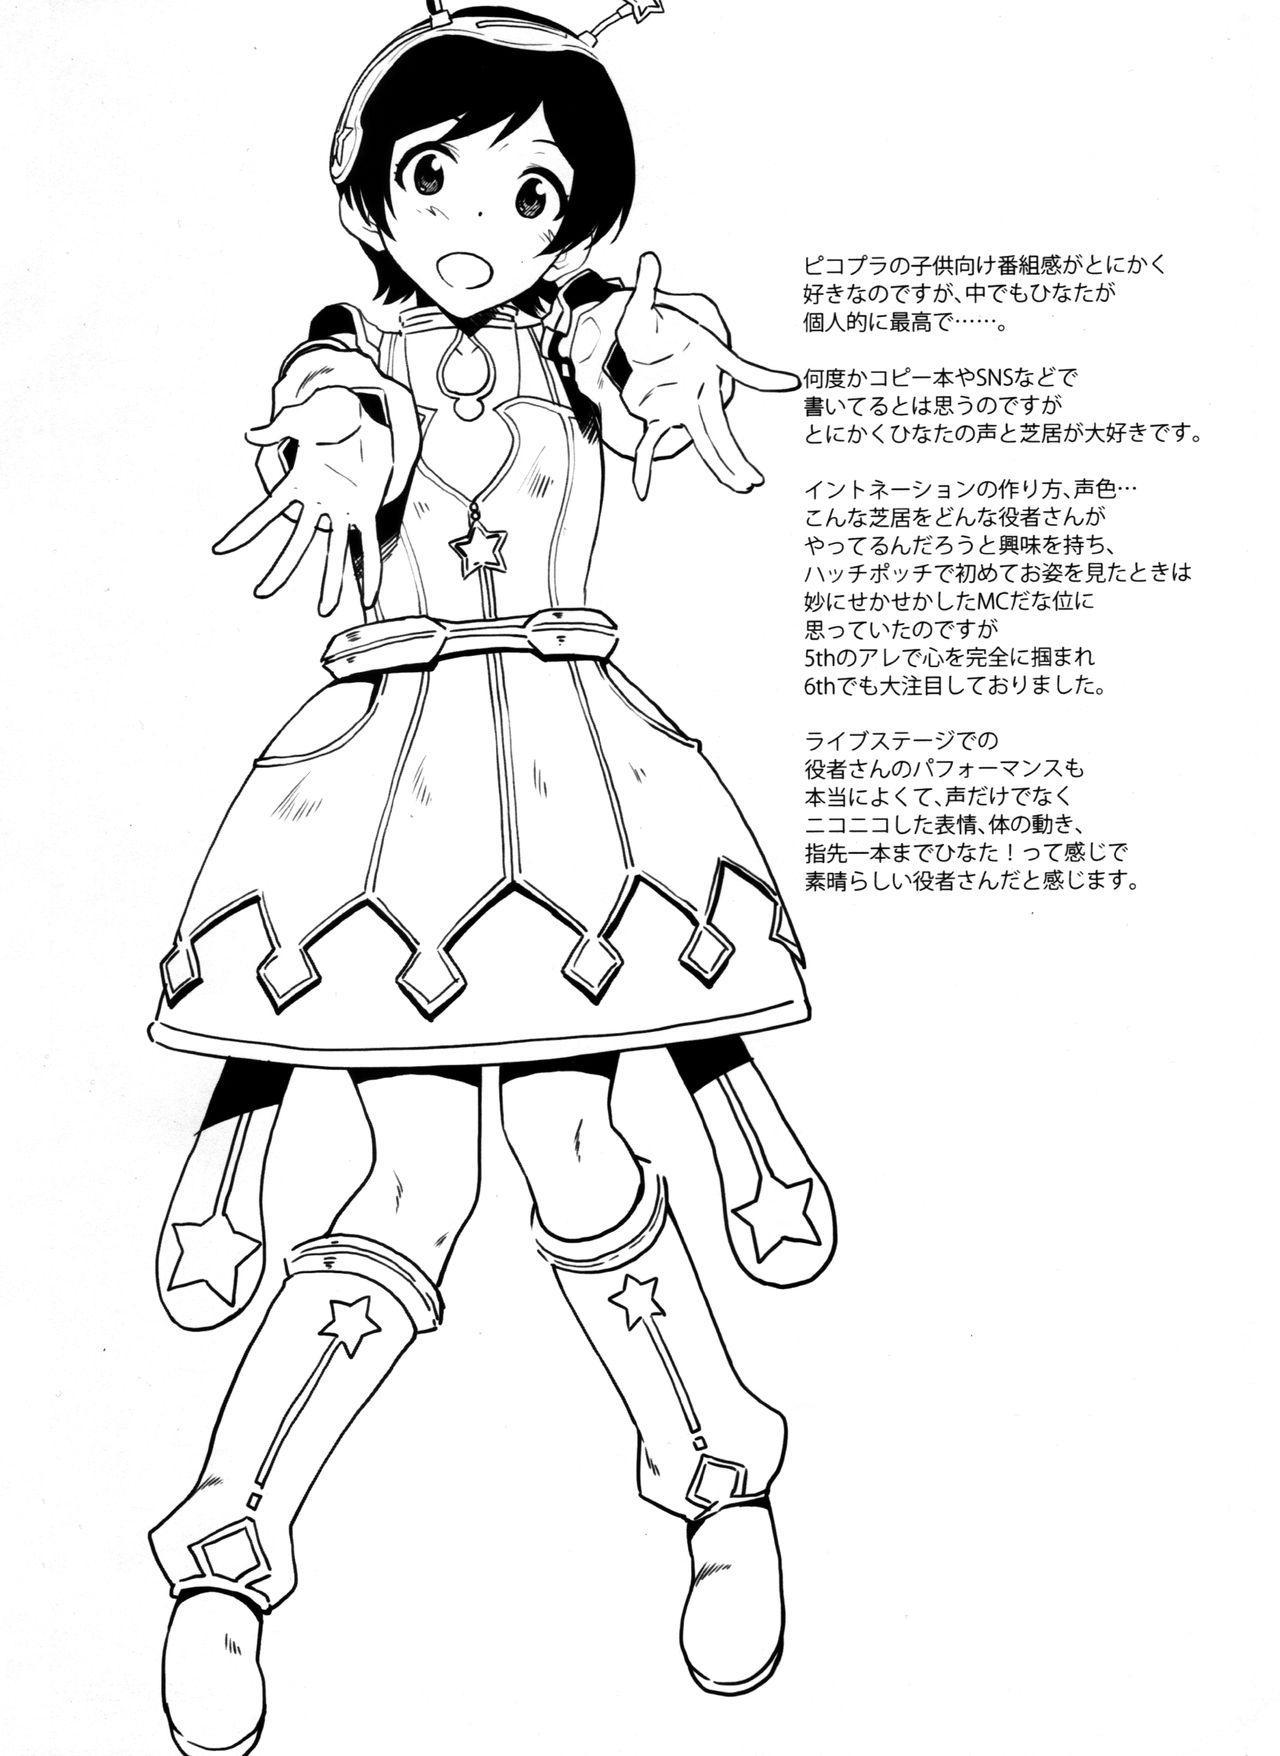 Watashi Datte Otona nandesu + Omake 37